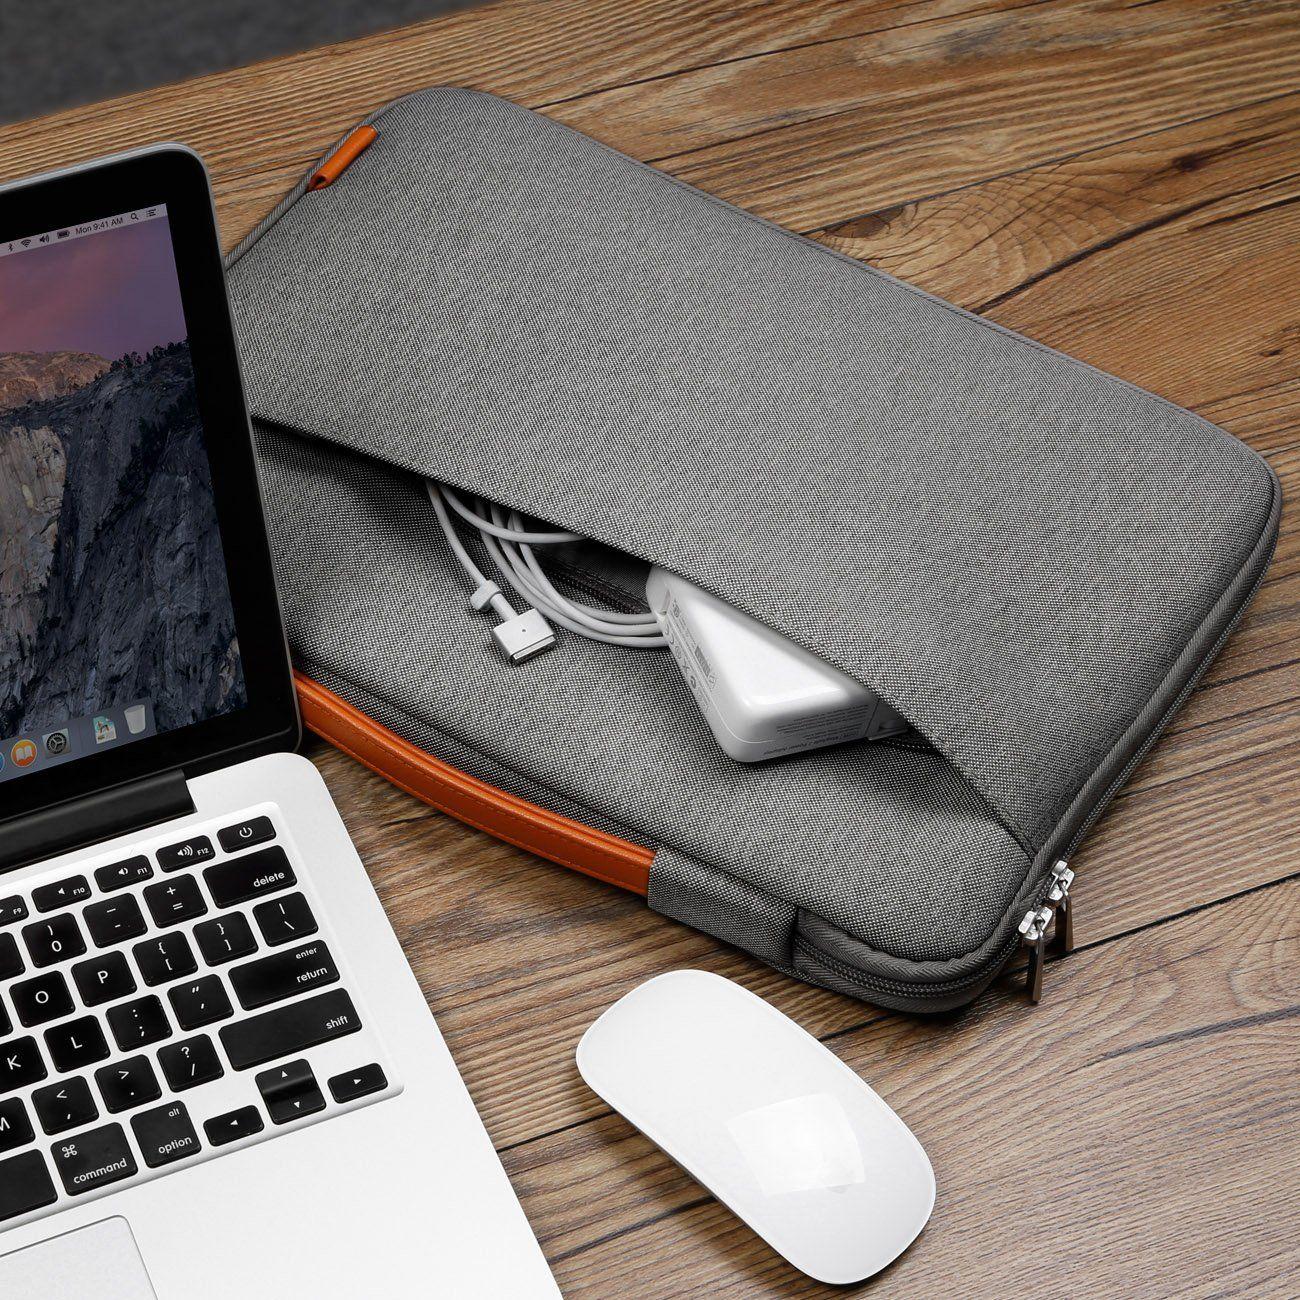 Robot Check Macbook Case Macbook Pro Macbook